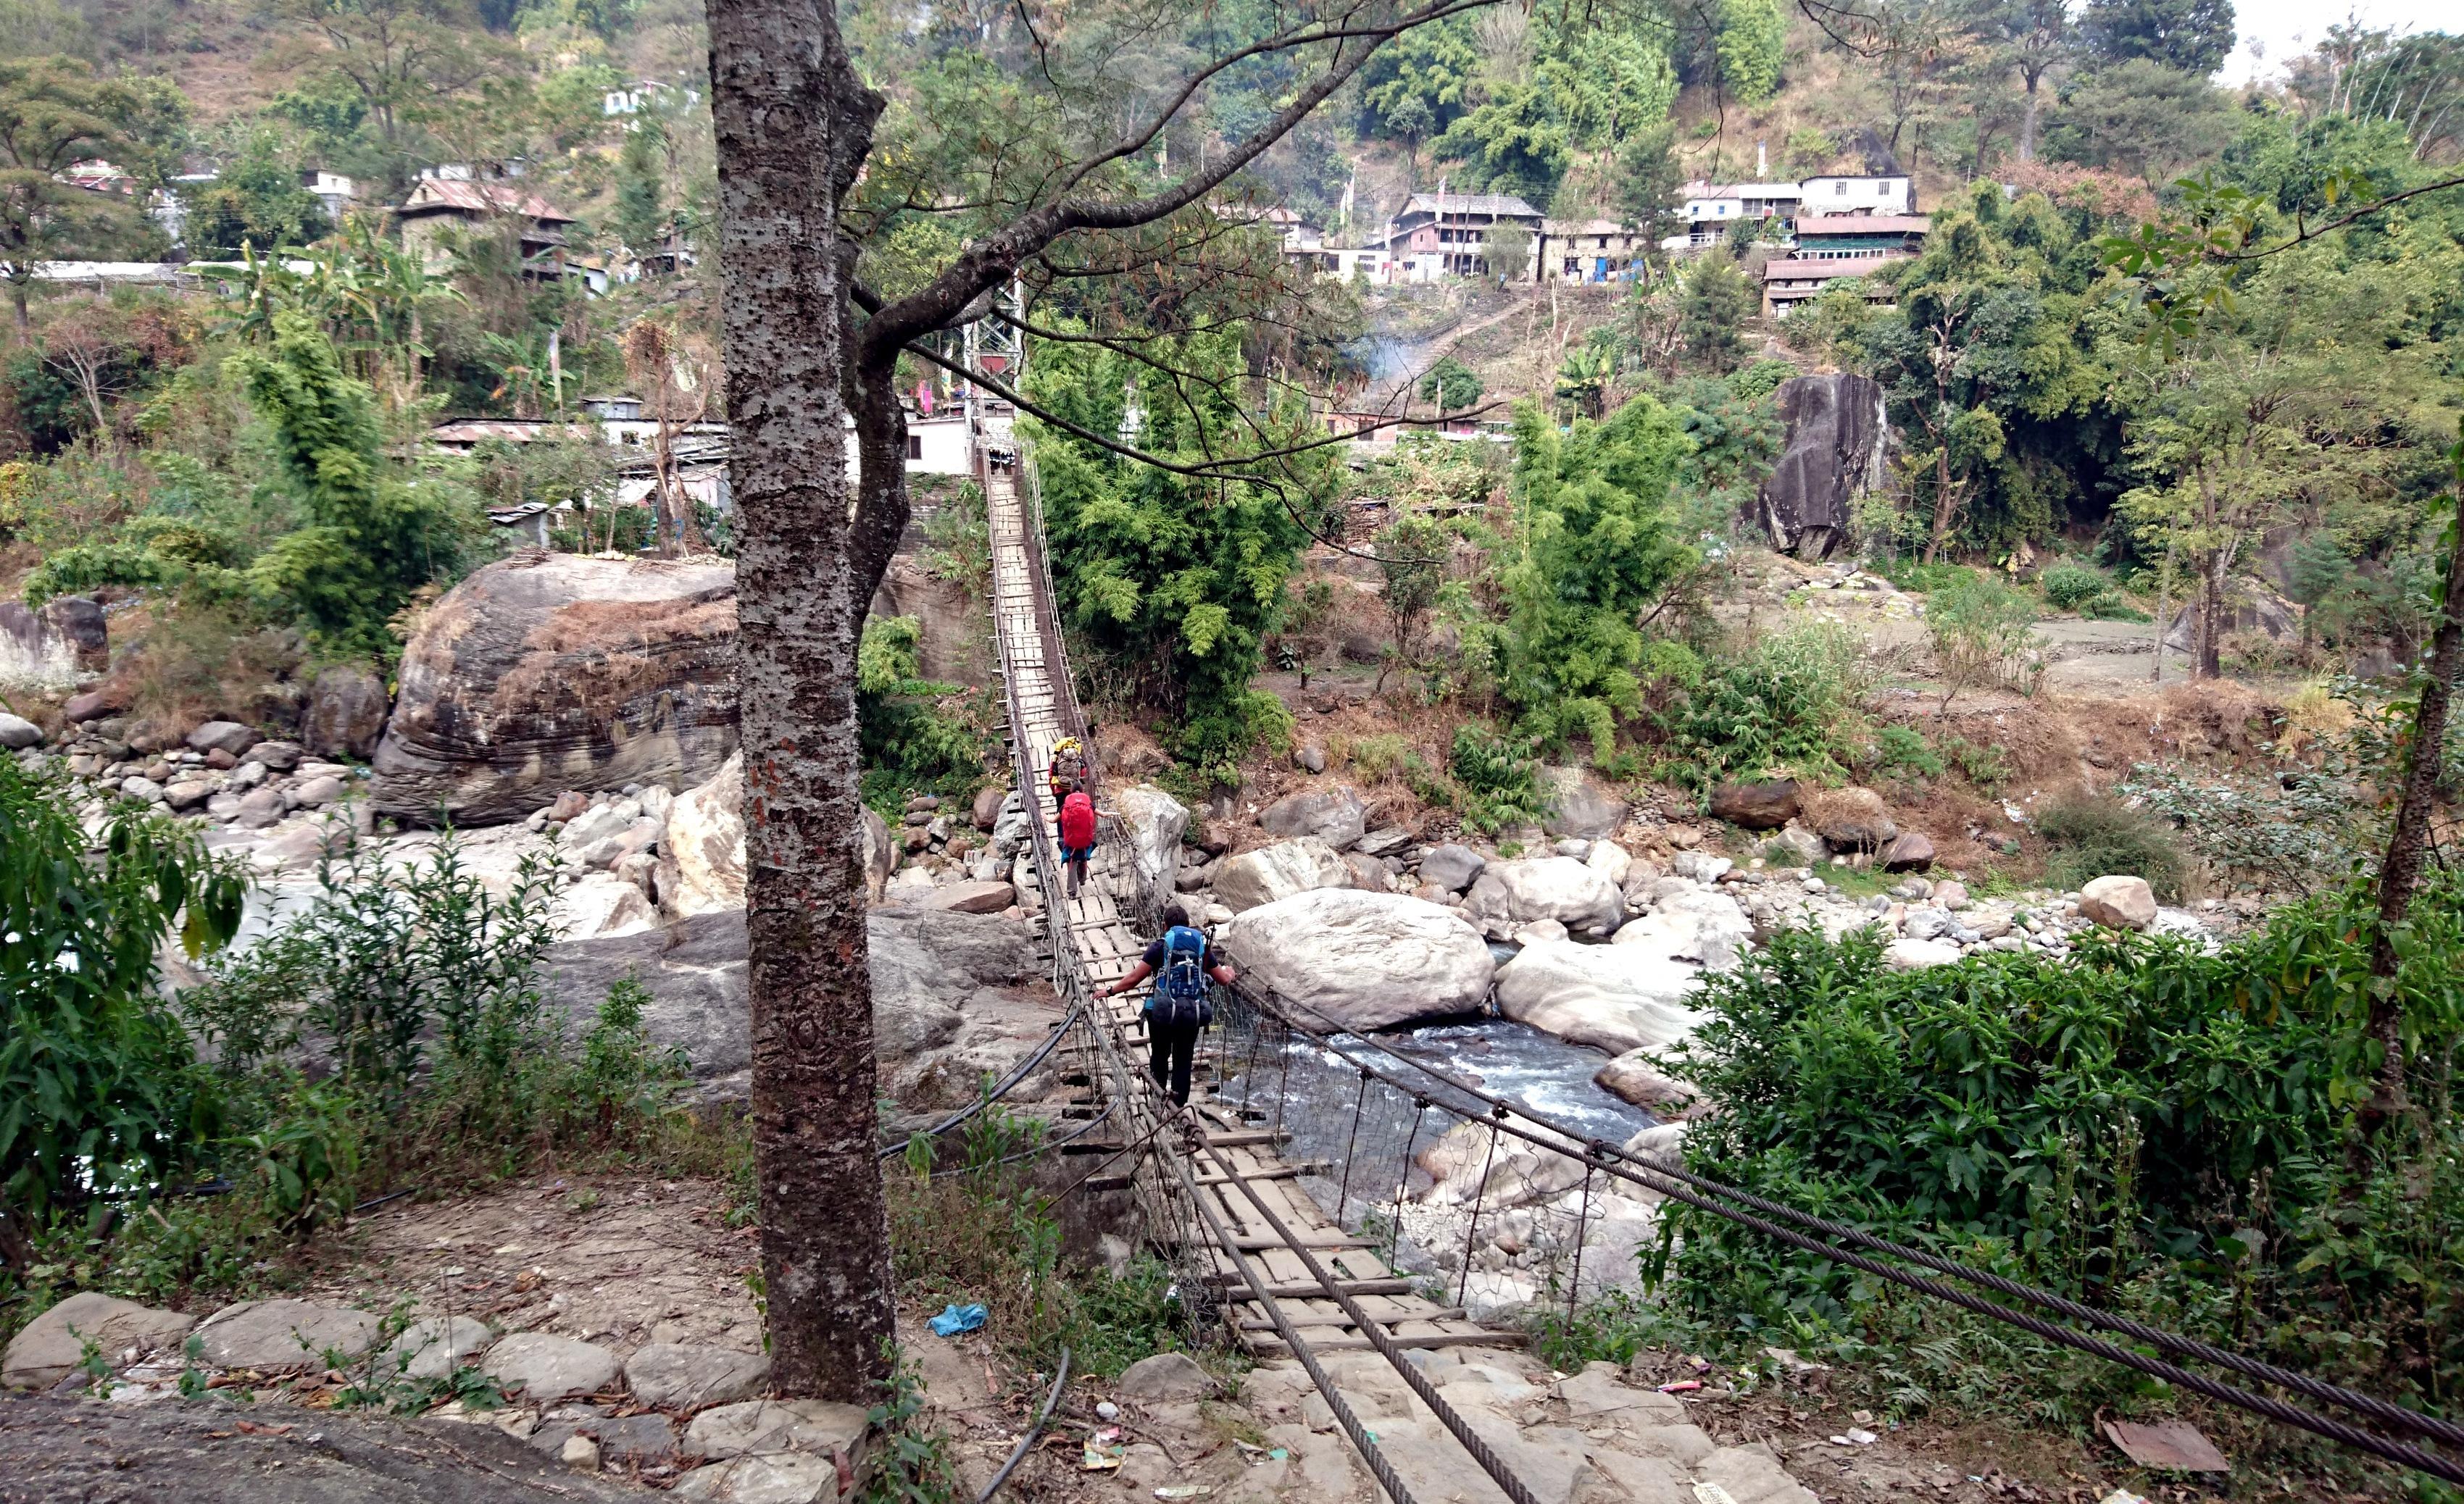 il primo di una lunghissima serie di ponti tibetani. Qui sono ovunque e ne passeremo in media 4-5 al giorno